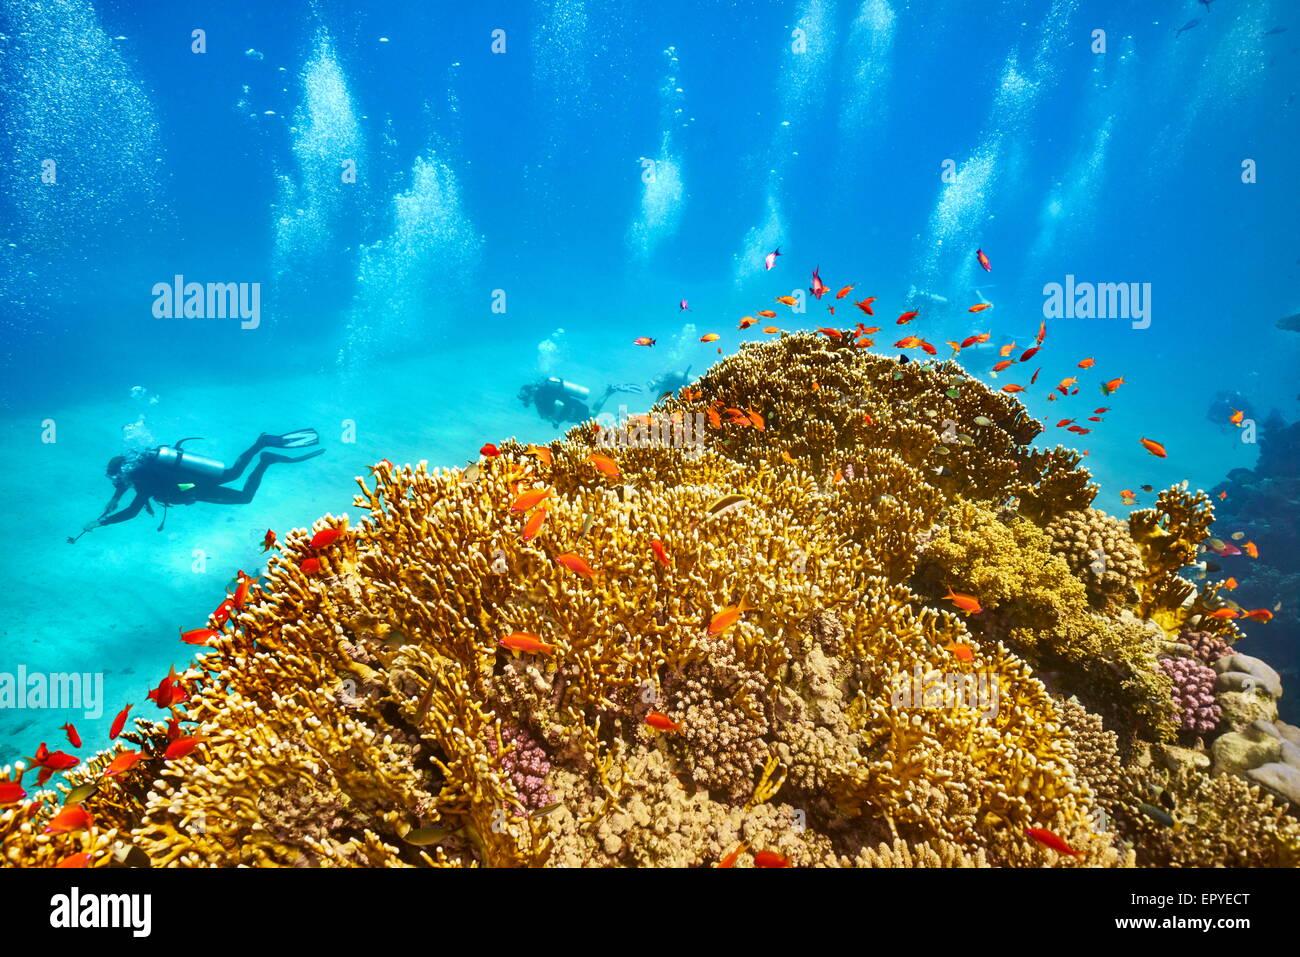 Marsa Alam, Mar Rojo - vista submarina a submarinistas y el arrecife Imagen De Stock